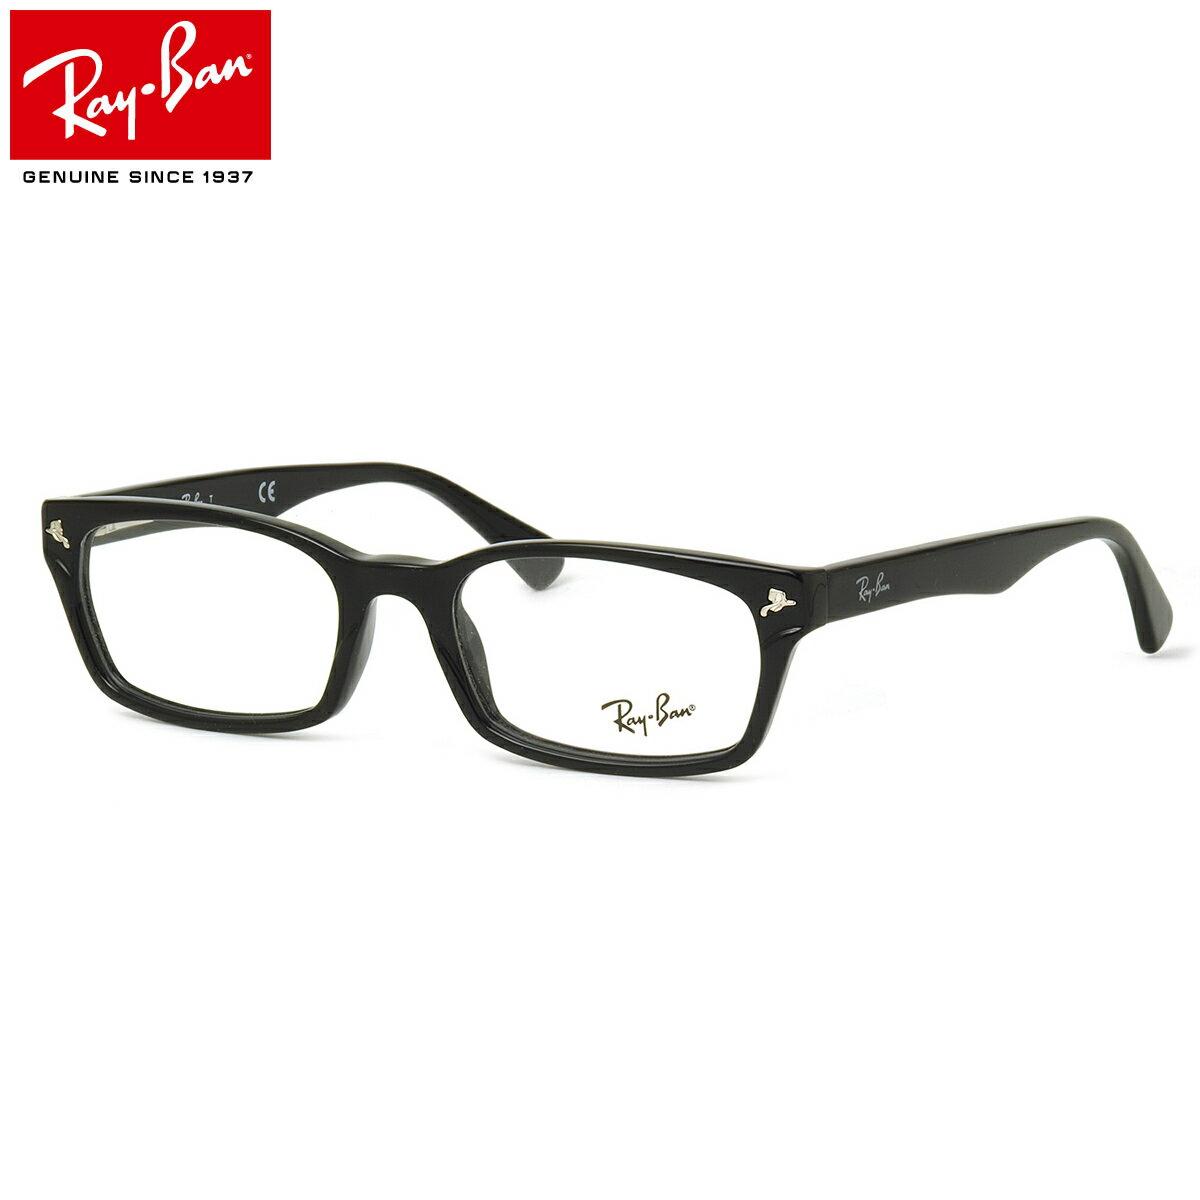 ポイント最大26倍 最大2000円クーポンも レイバン メガネ フレーム Ray-Ban RX5017A 2000 52サイズ 伊達メガネ フレーム 度付き レイバン RAYBAN メンズ レディース